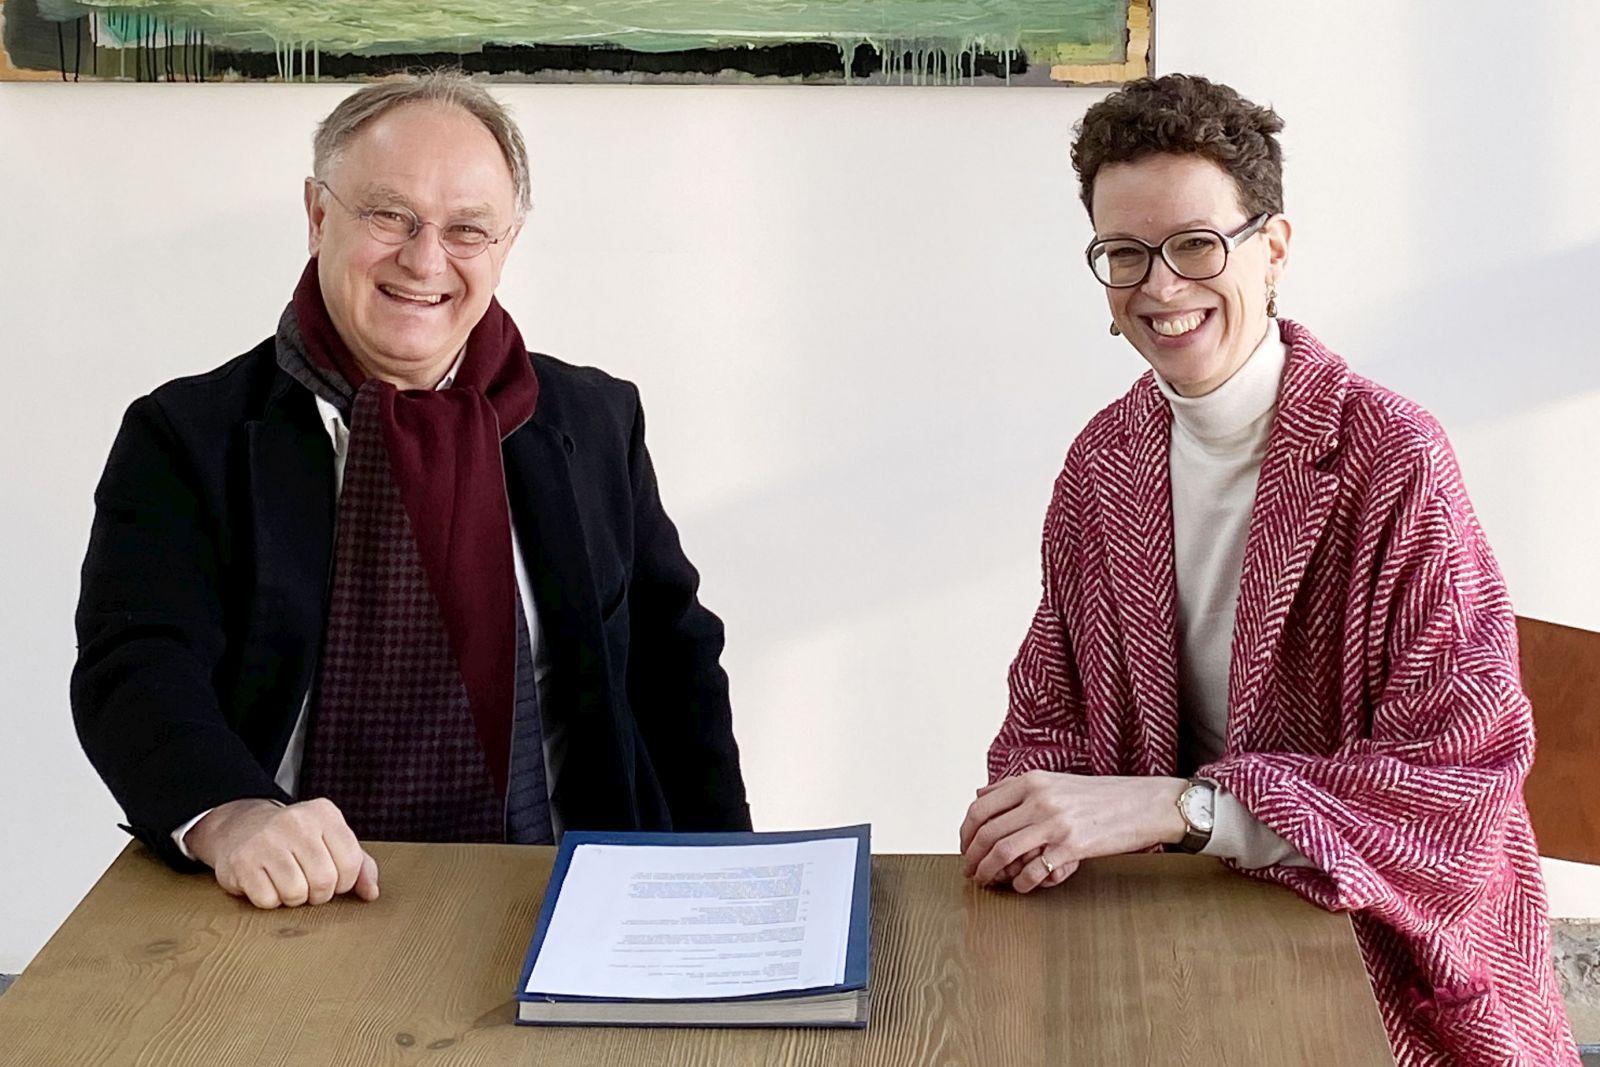 Sven Herrmann und Stefanie Molthagen-Schnöring bei der Unterzeichnung des Kooperationsvertrages